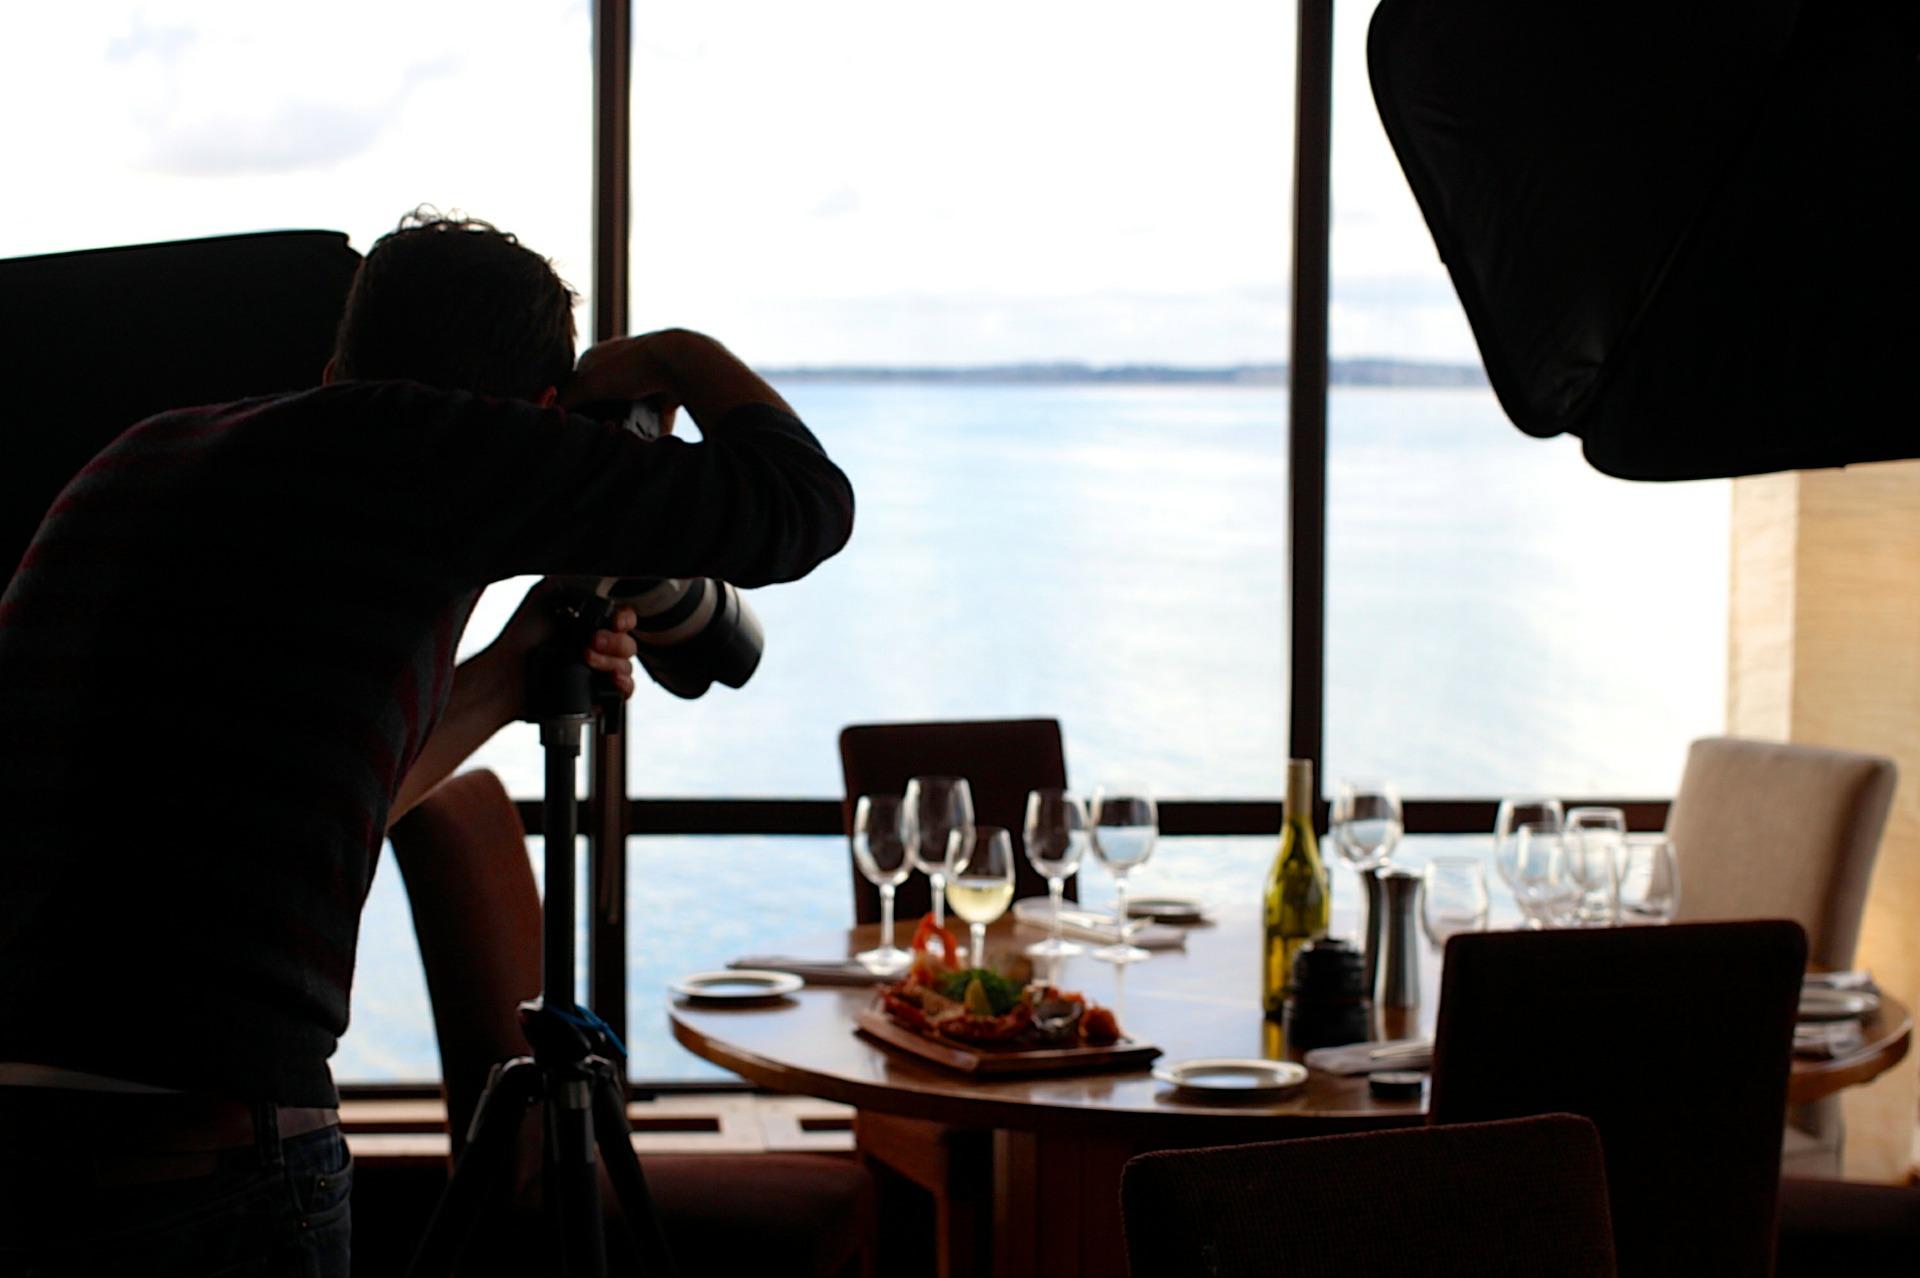 Galerie photos carre gourmet traiteur